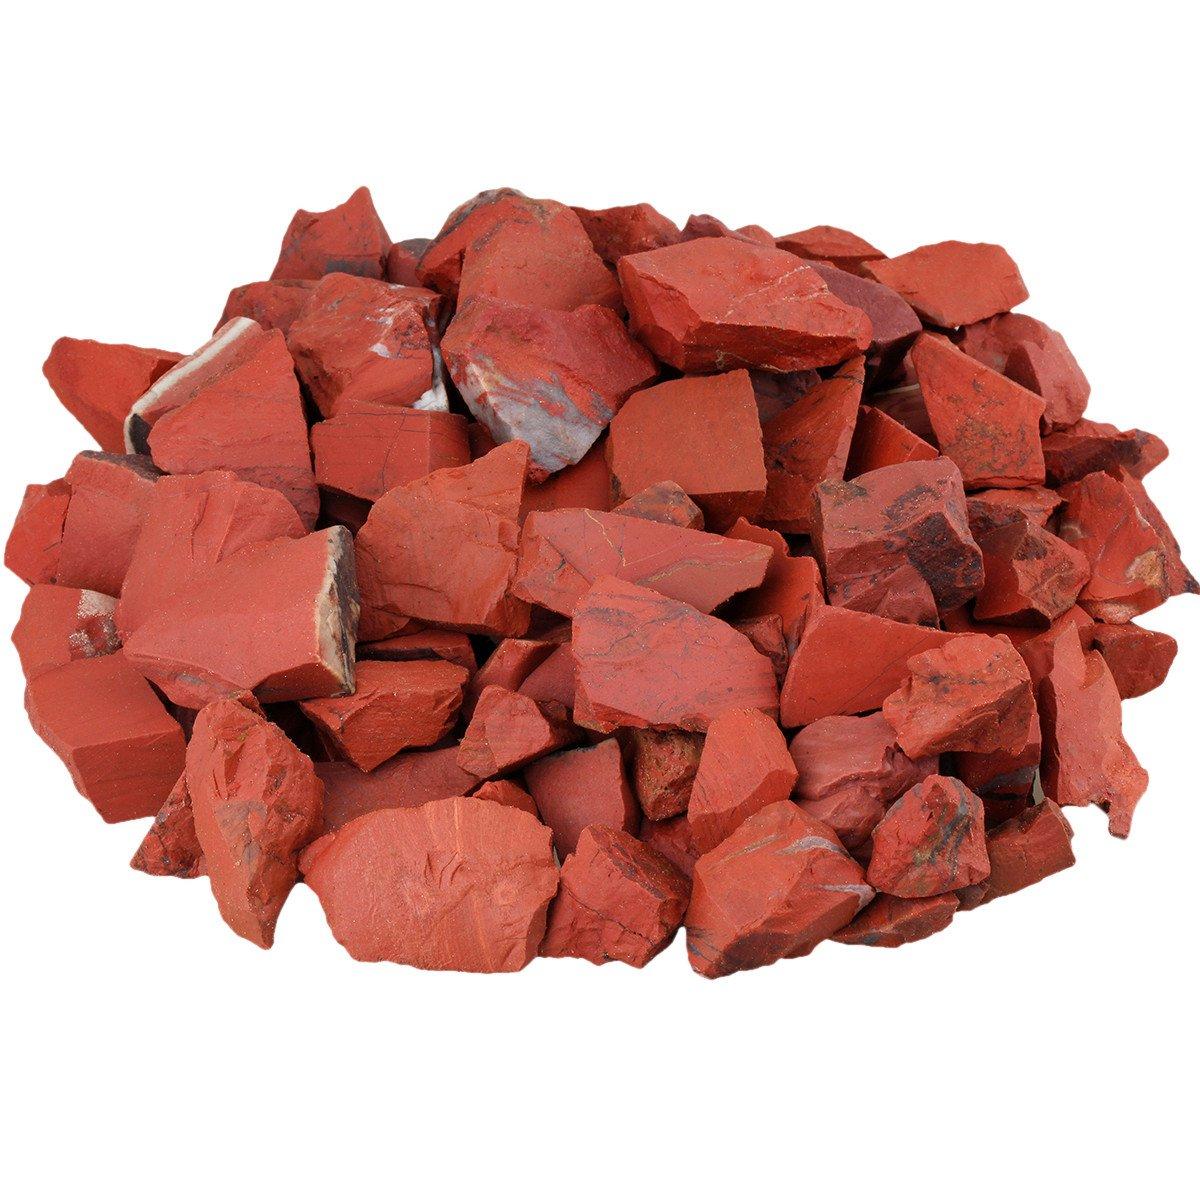 mookaitedecor Amethyst Rohst/ück Steine Kristall Reiki /& Heilung Mineral Edelsteine f/ür Familie//B/üro//Garten//Aquarium Dekoration Schm/ückung 460g